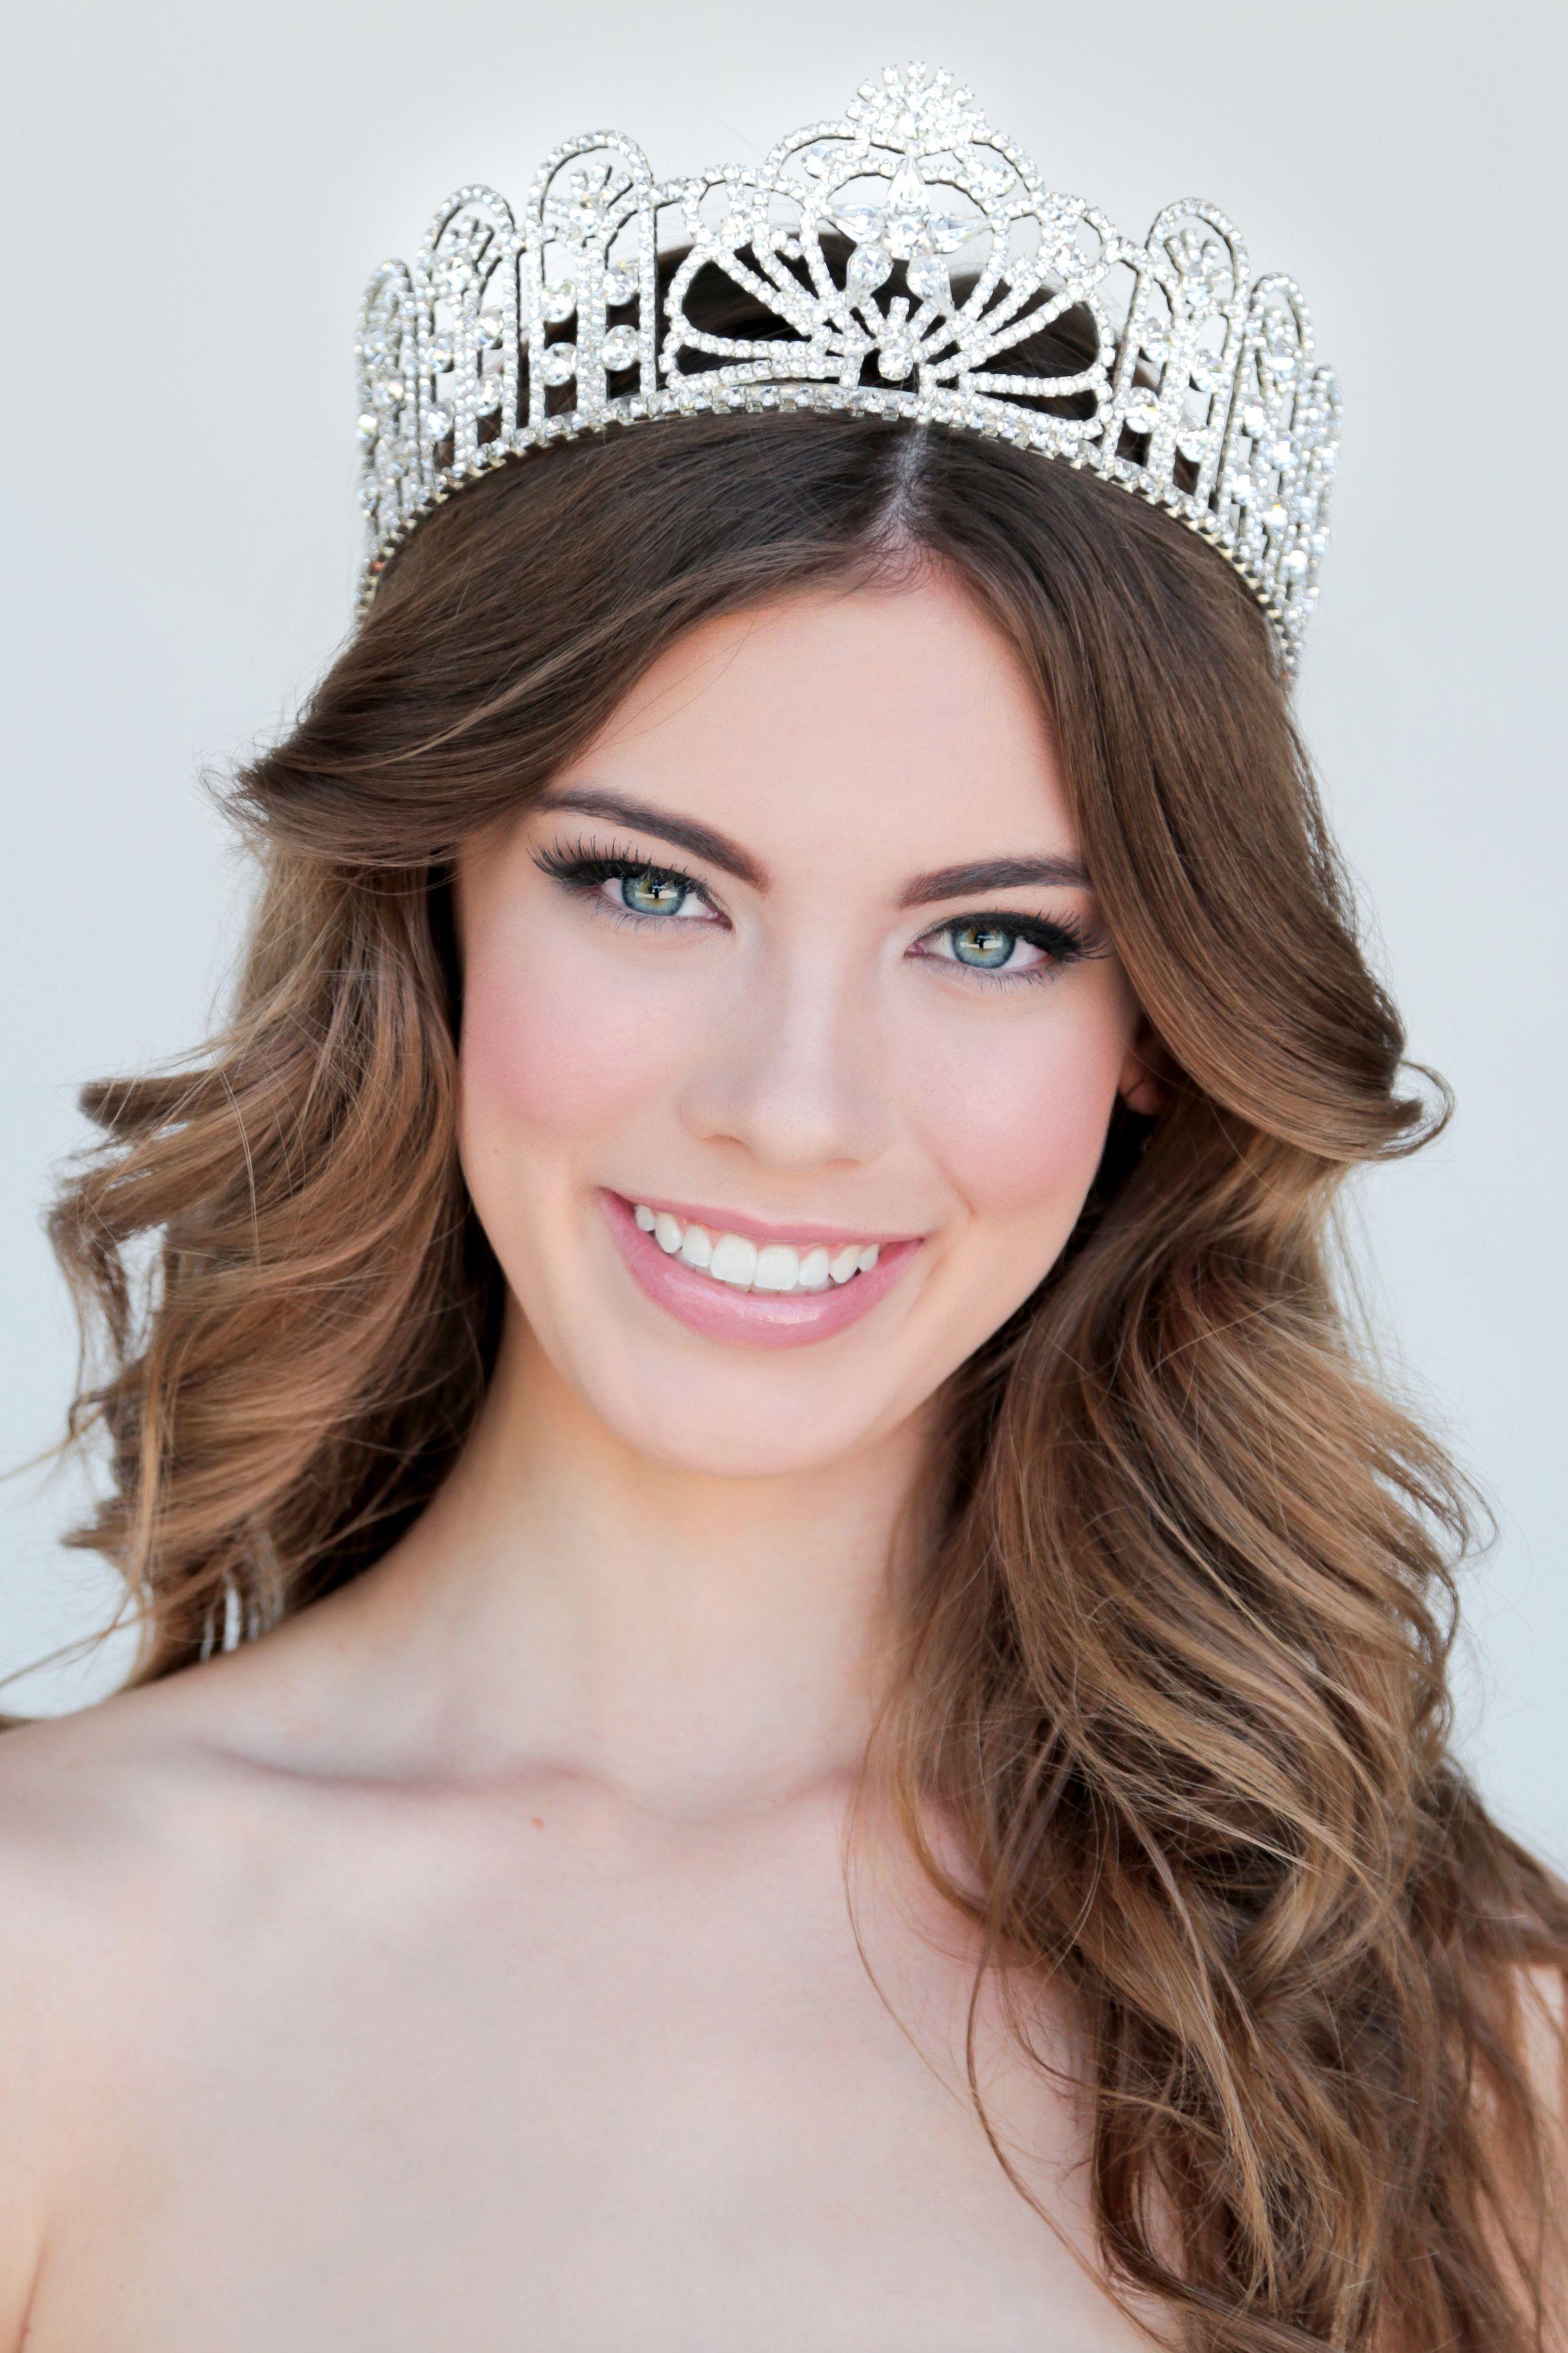 Miss Kansas Teen 2013 Aly Klinzing Makeup by Blush Spa